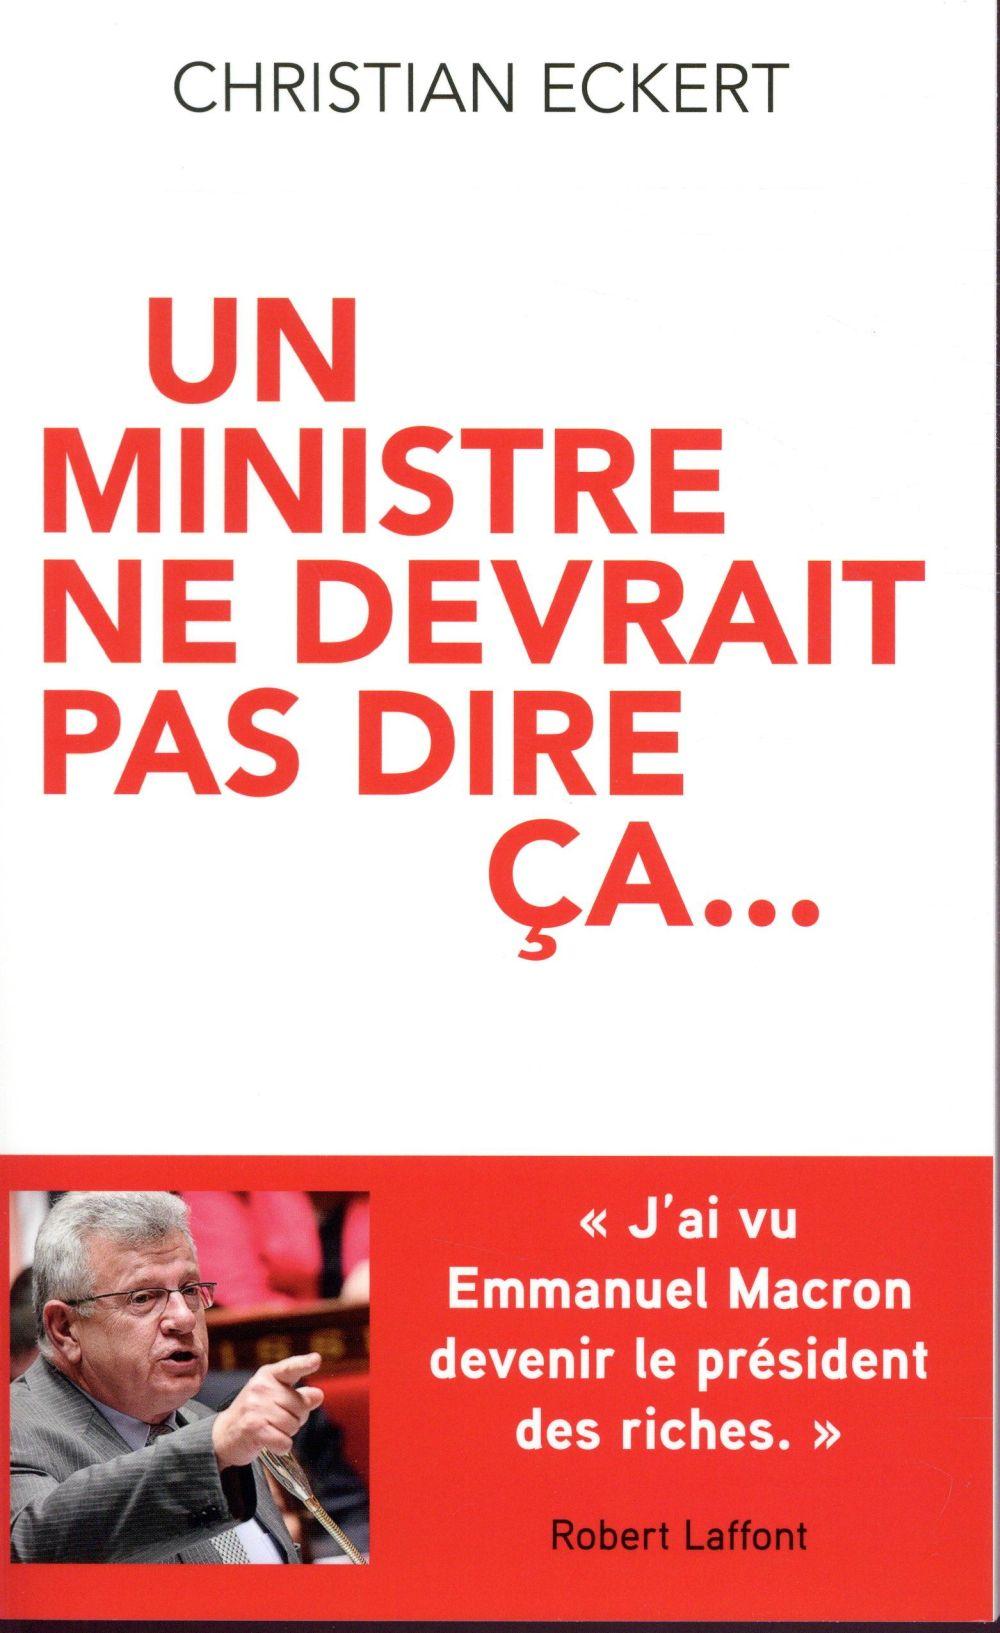 UN MINISTRE NE DEVRAIT PAS DIRE CA...